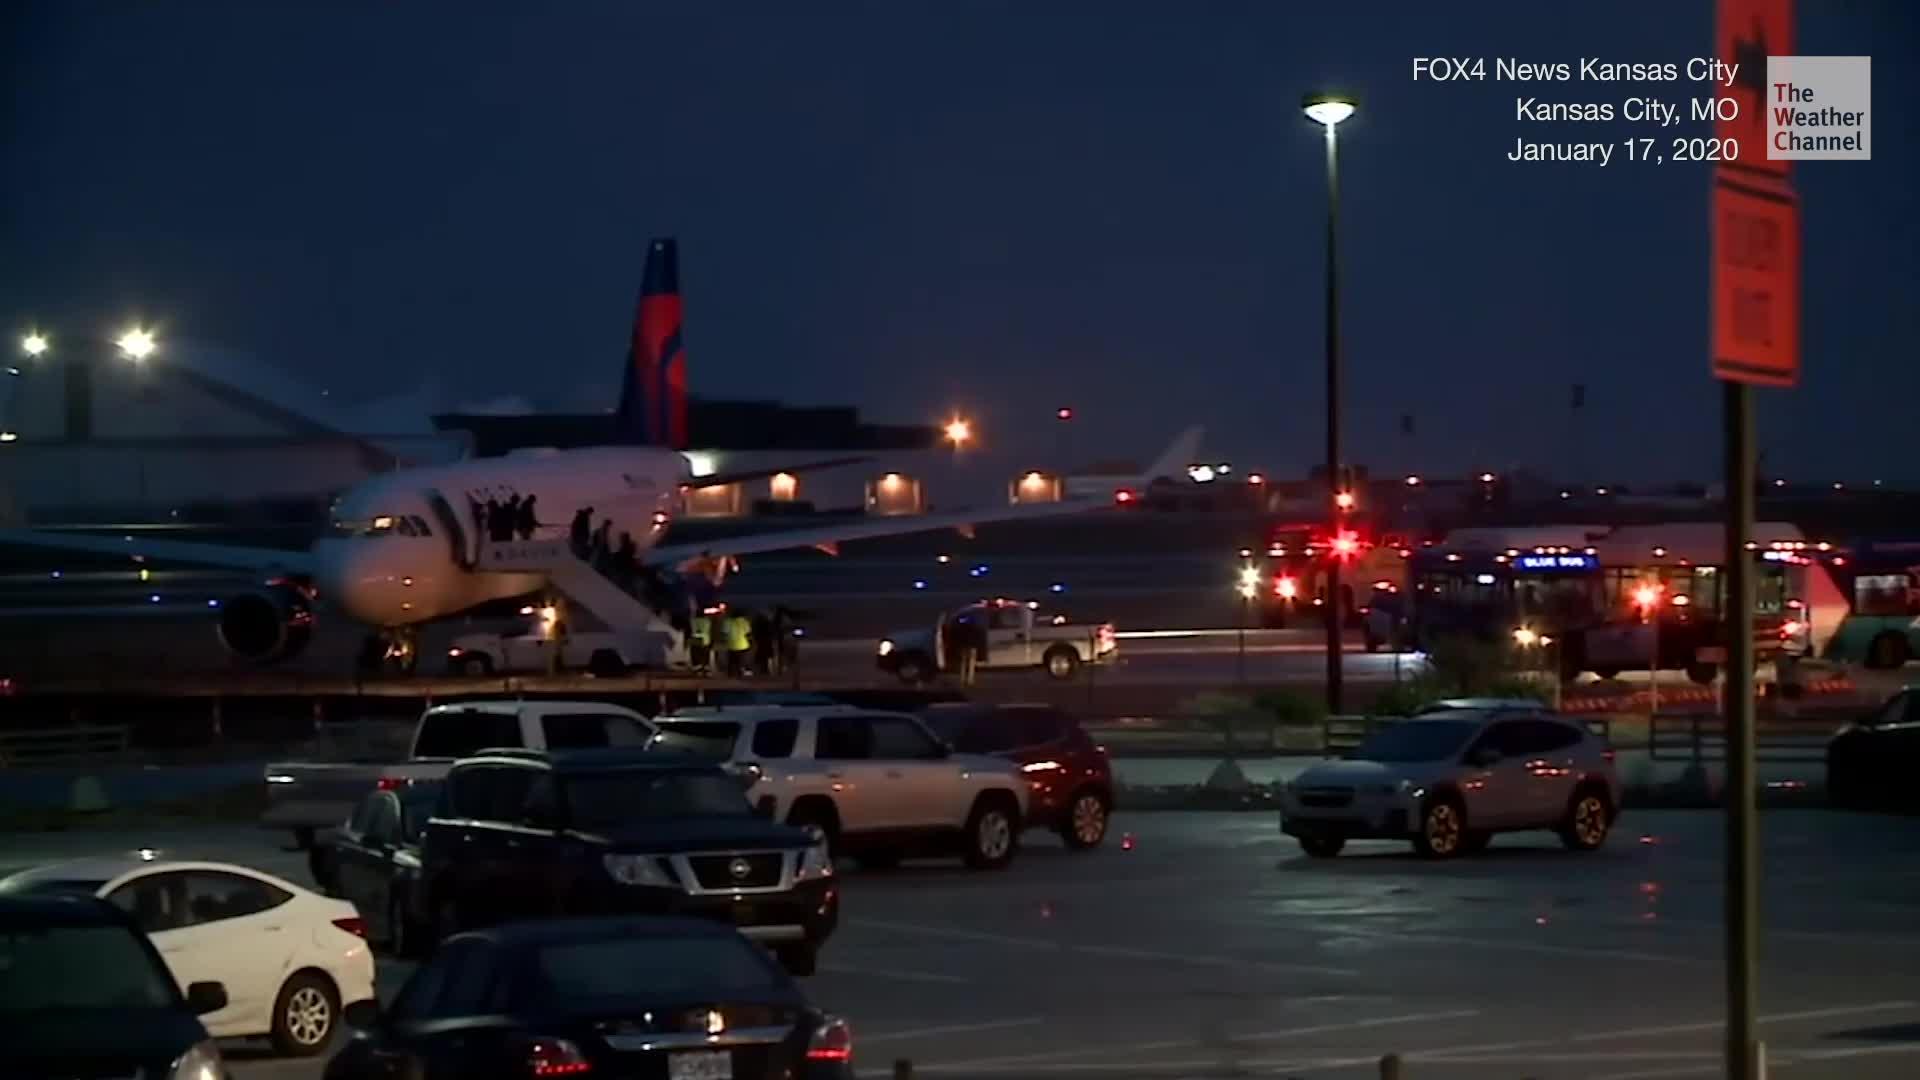 Las condiciones resbaladizas hacen que un avión Delta se deslice de la calle de rodaje en el Aeropuerto Internacional de Kansas City, lo que obliga al breve cierre del aeródromo.